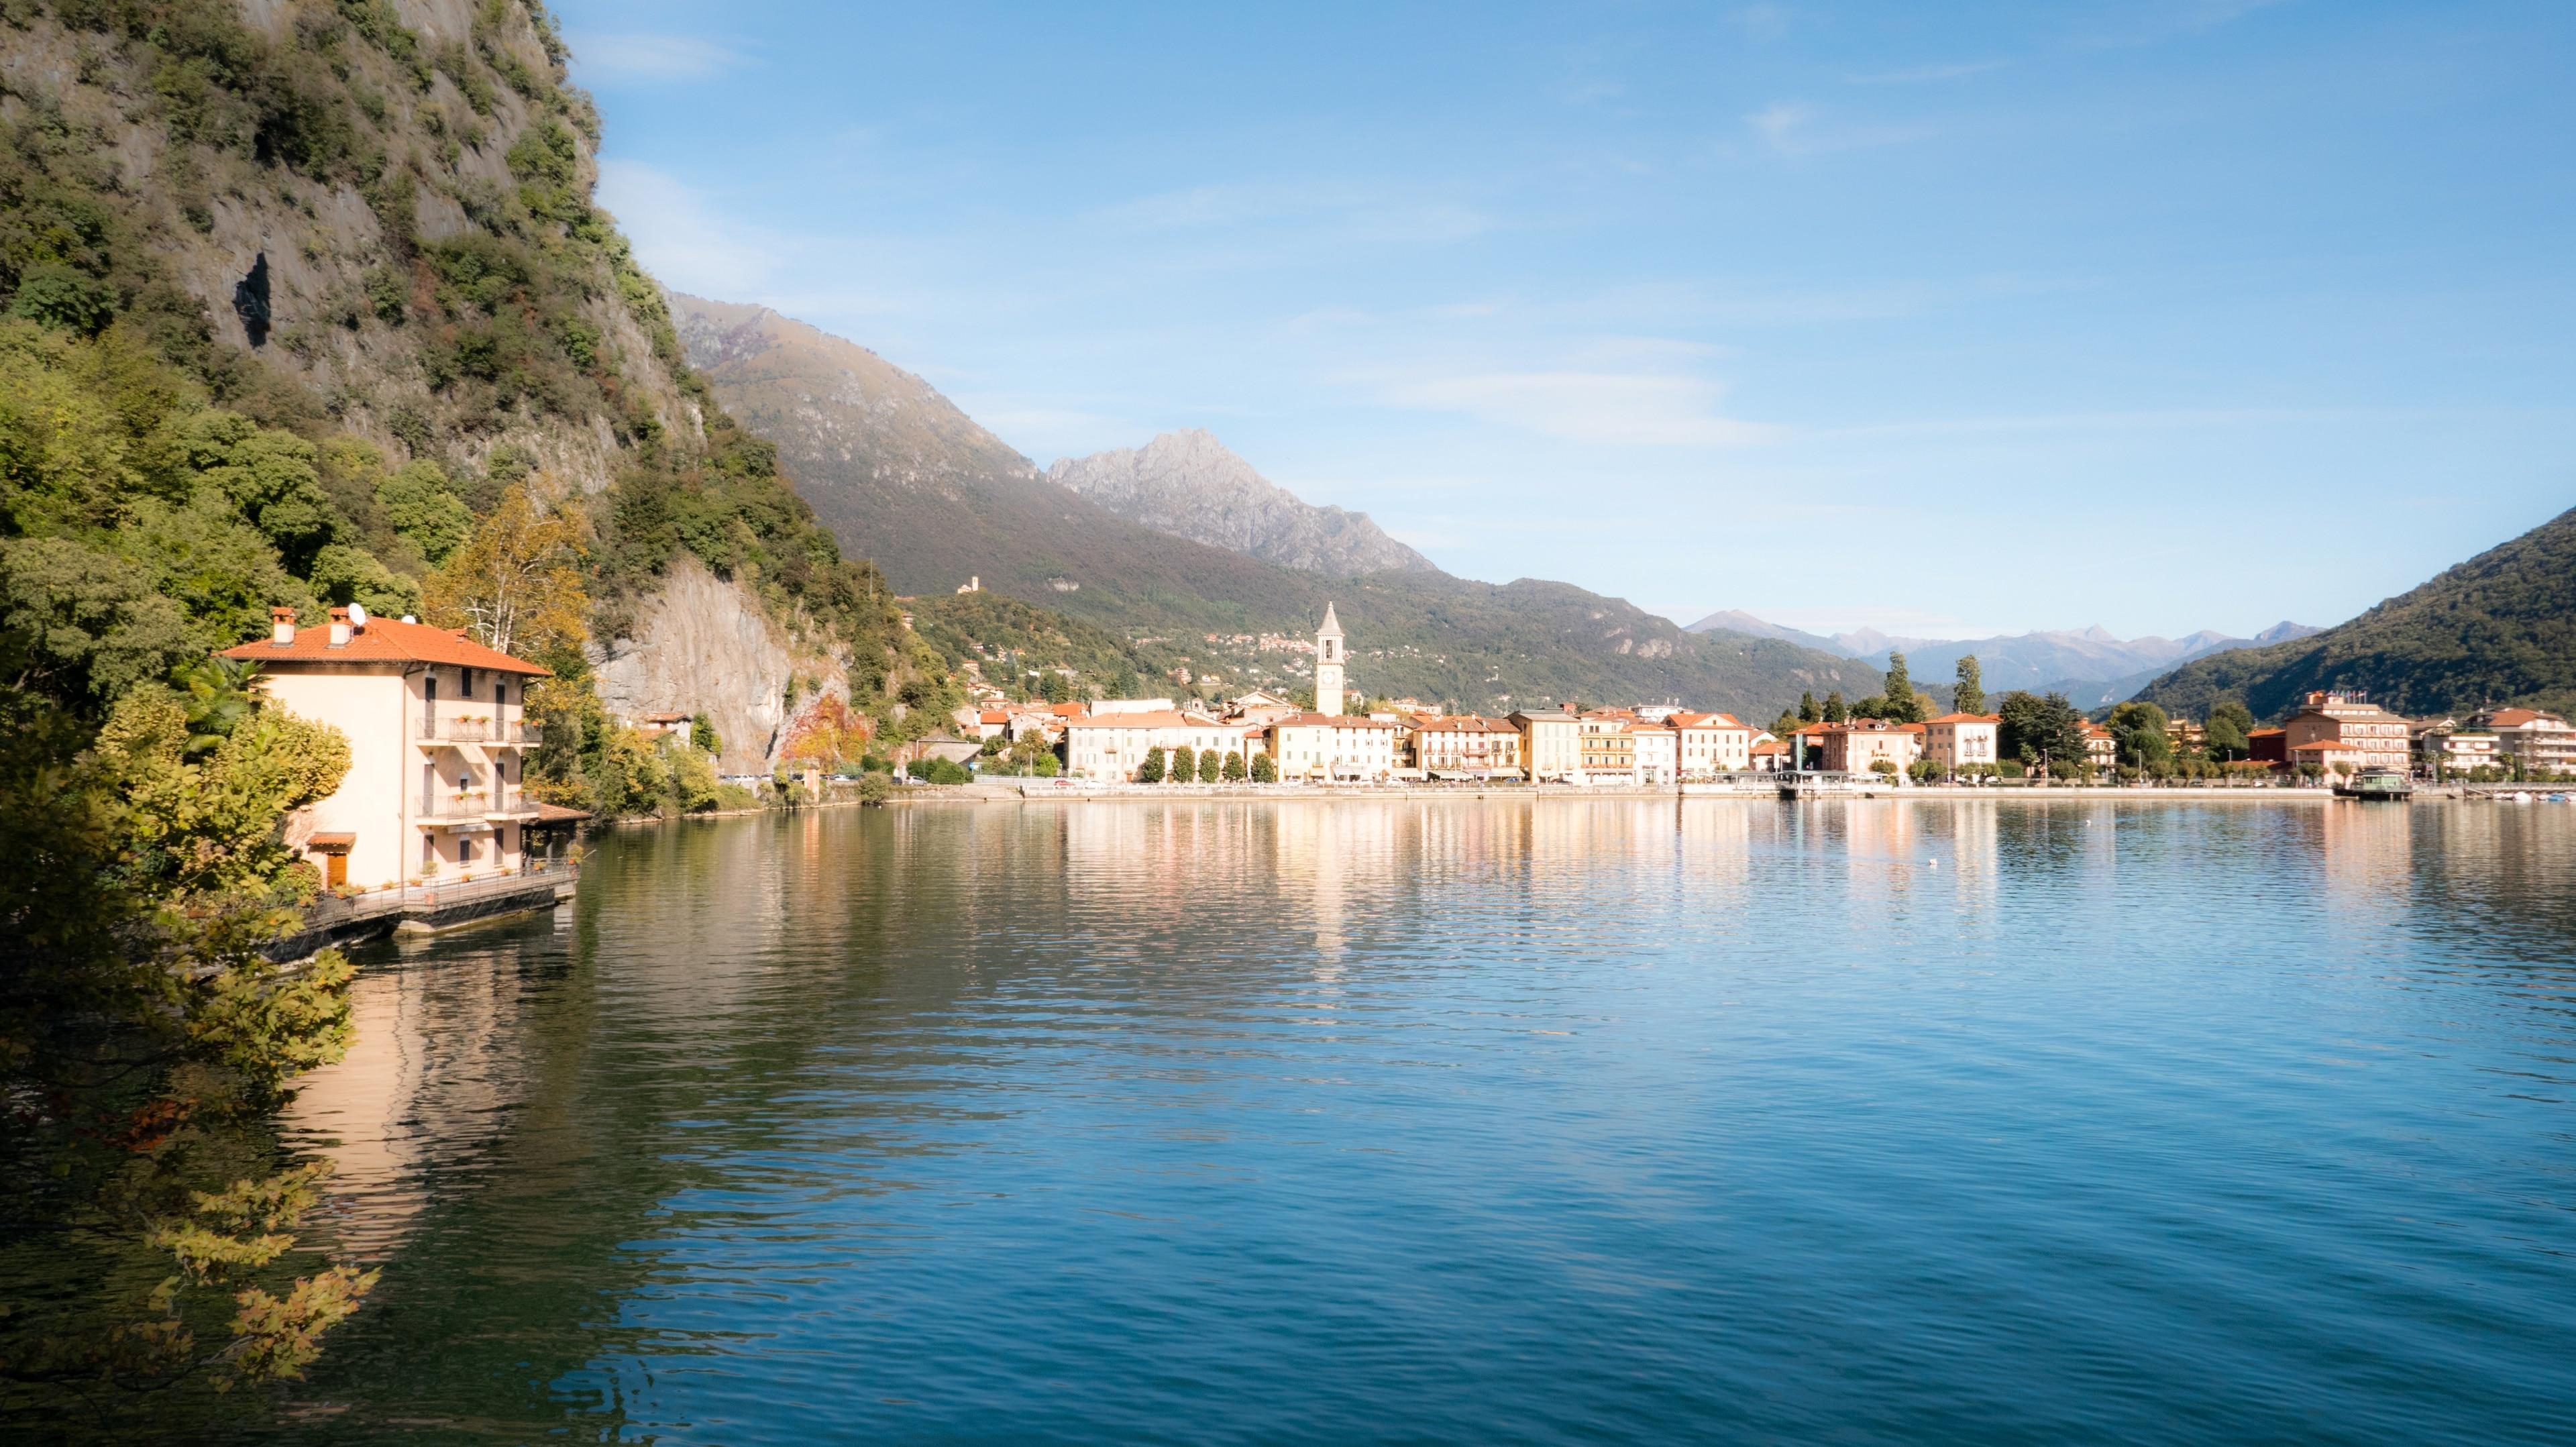 Porlezza, Lombardy, Italy